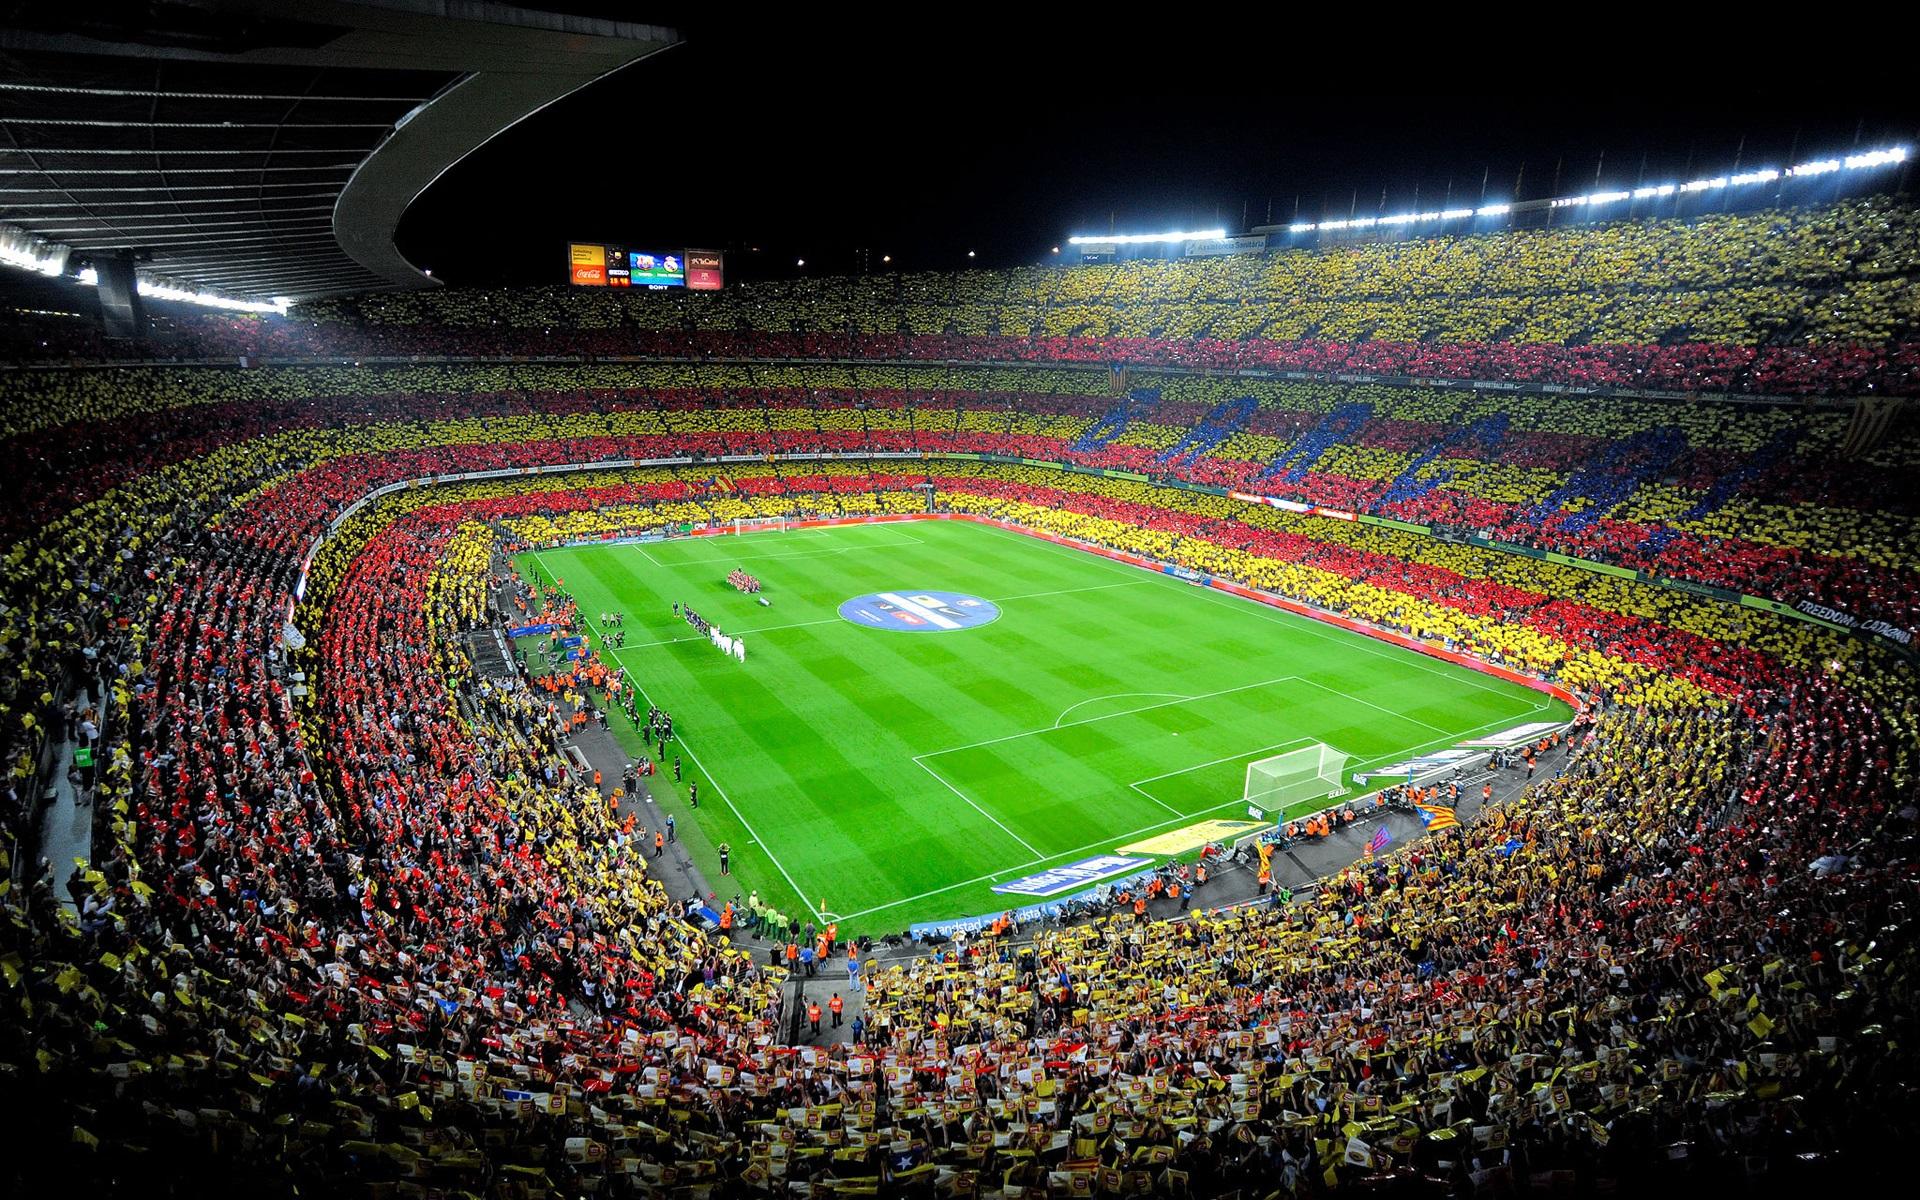 壁紙 カンプノウ スペイン バルセロナfc スポーツ フットボール